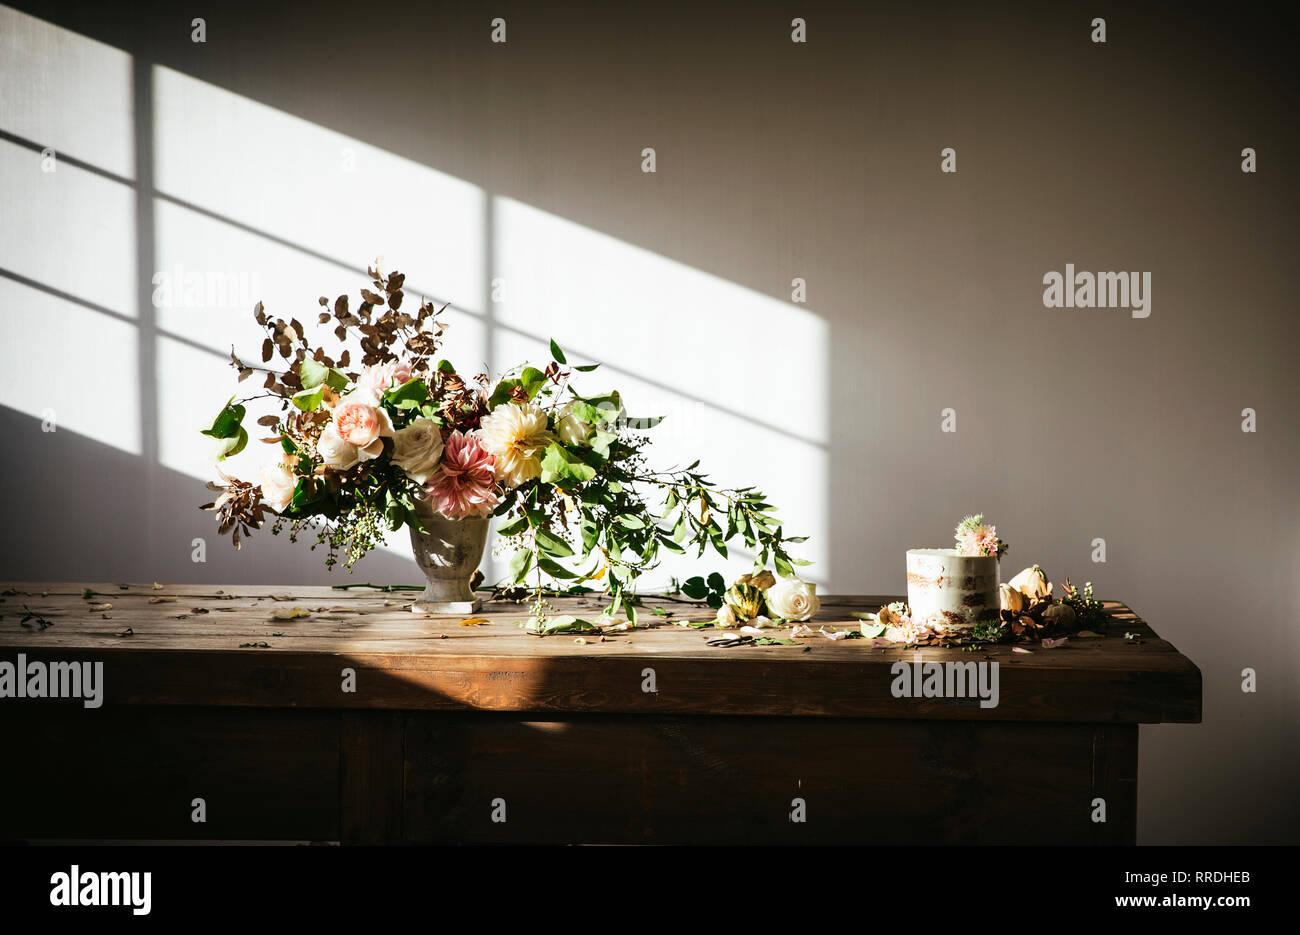 Teller mit leckeren Kuchen dekoriert Blüte Knospe auf Holztisch mit Blumenstrauß Chrysanthemen, Rosen und Pflanze Zweige in Vase zwischen trockenem Laub auf Grau backgr Stockbild